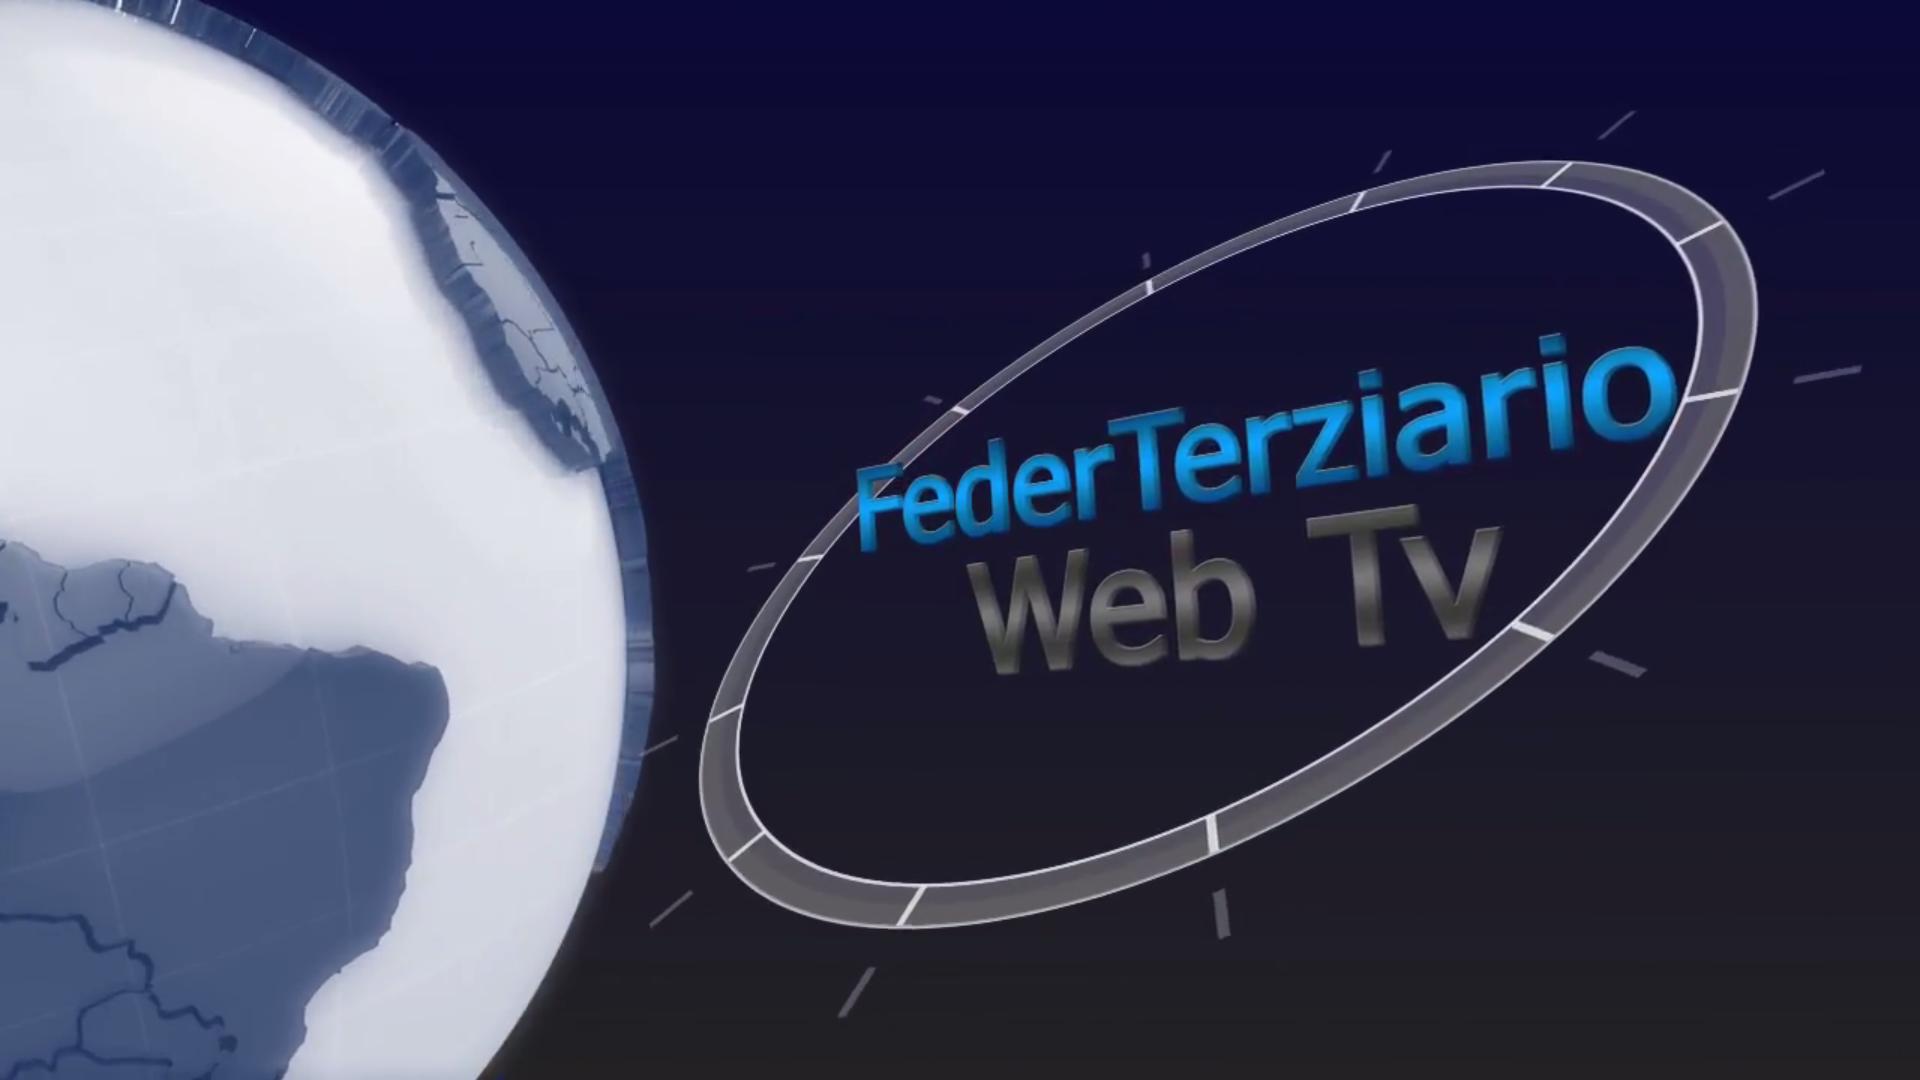 Web TV Federterziario